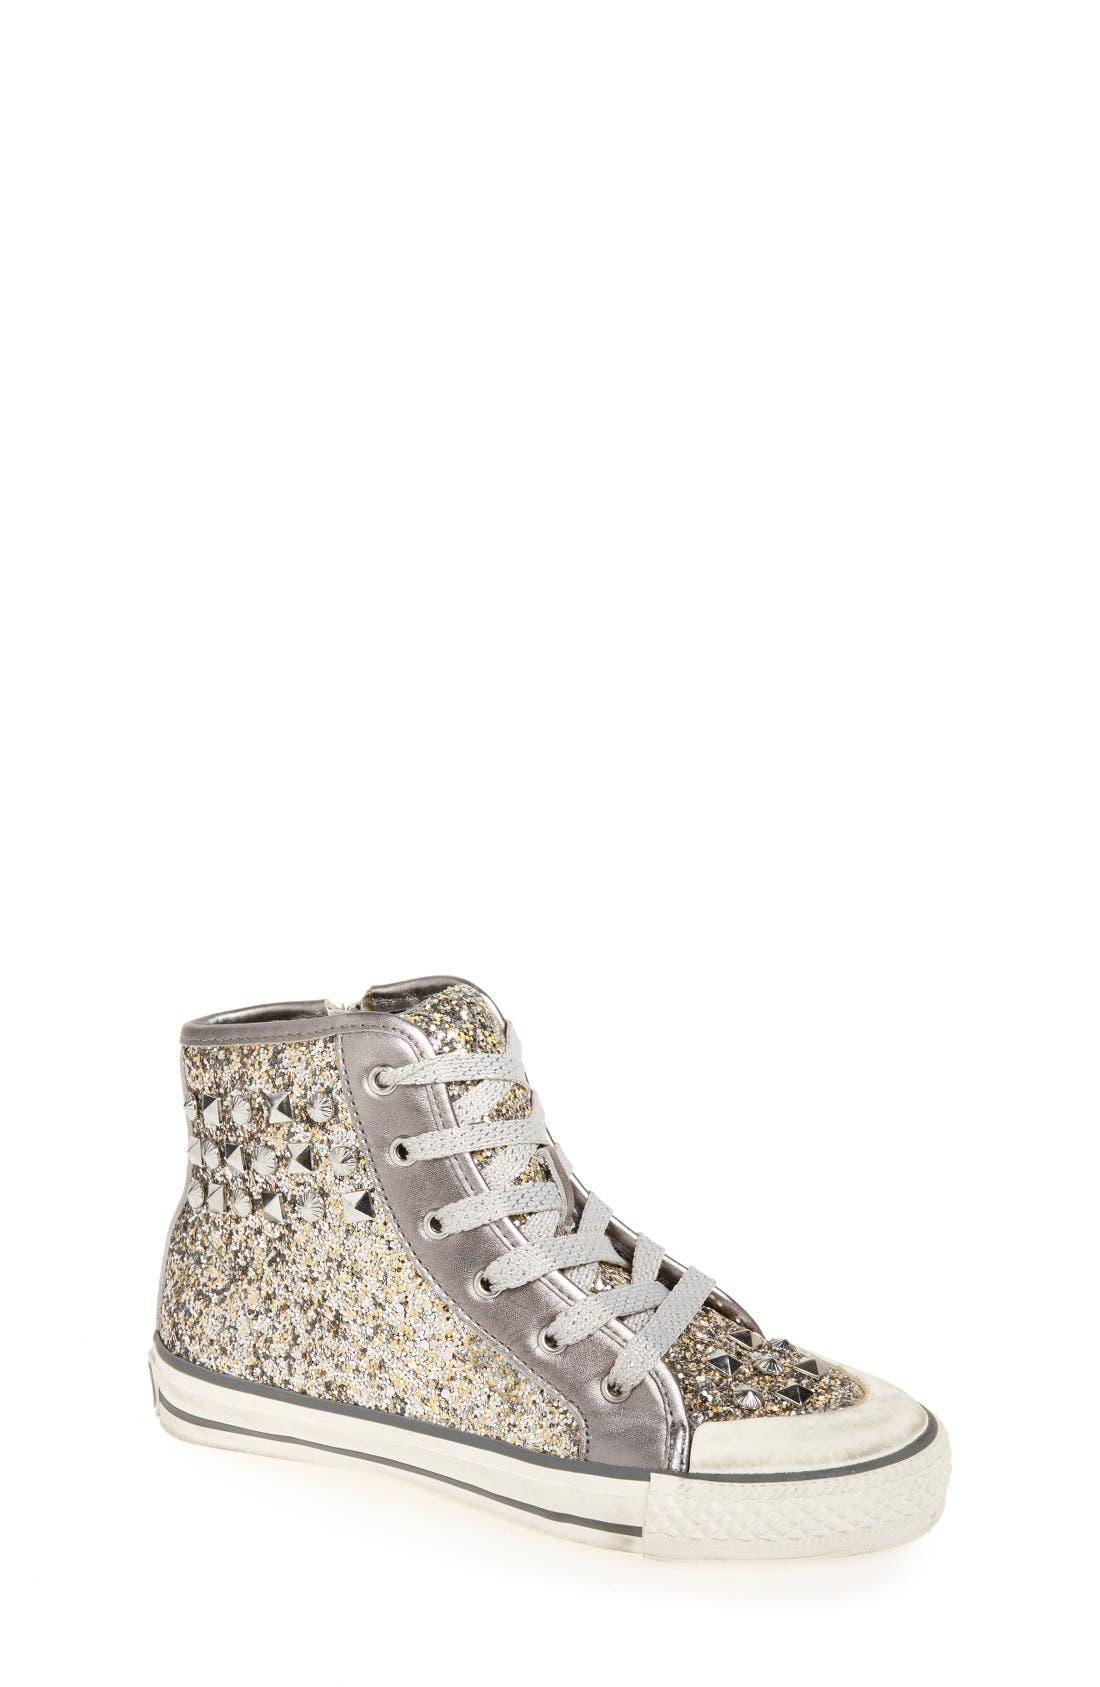 ASH 'Lita Monroe' Studded Glitter High Top Sneaker